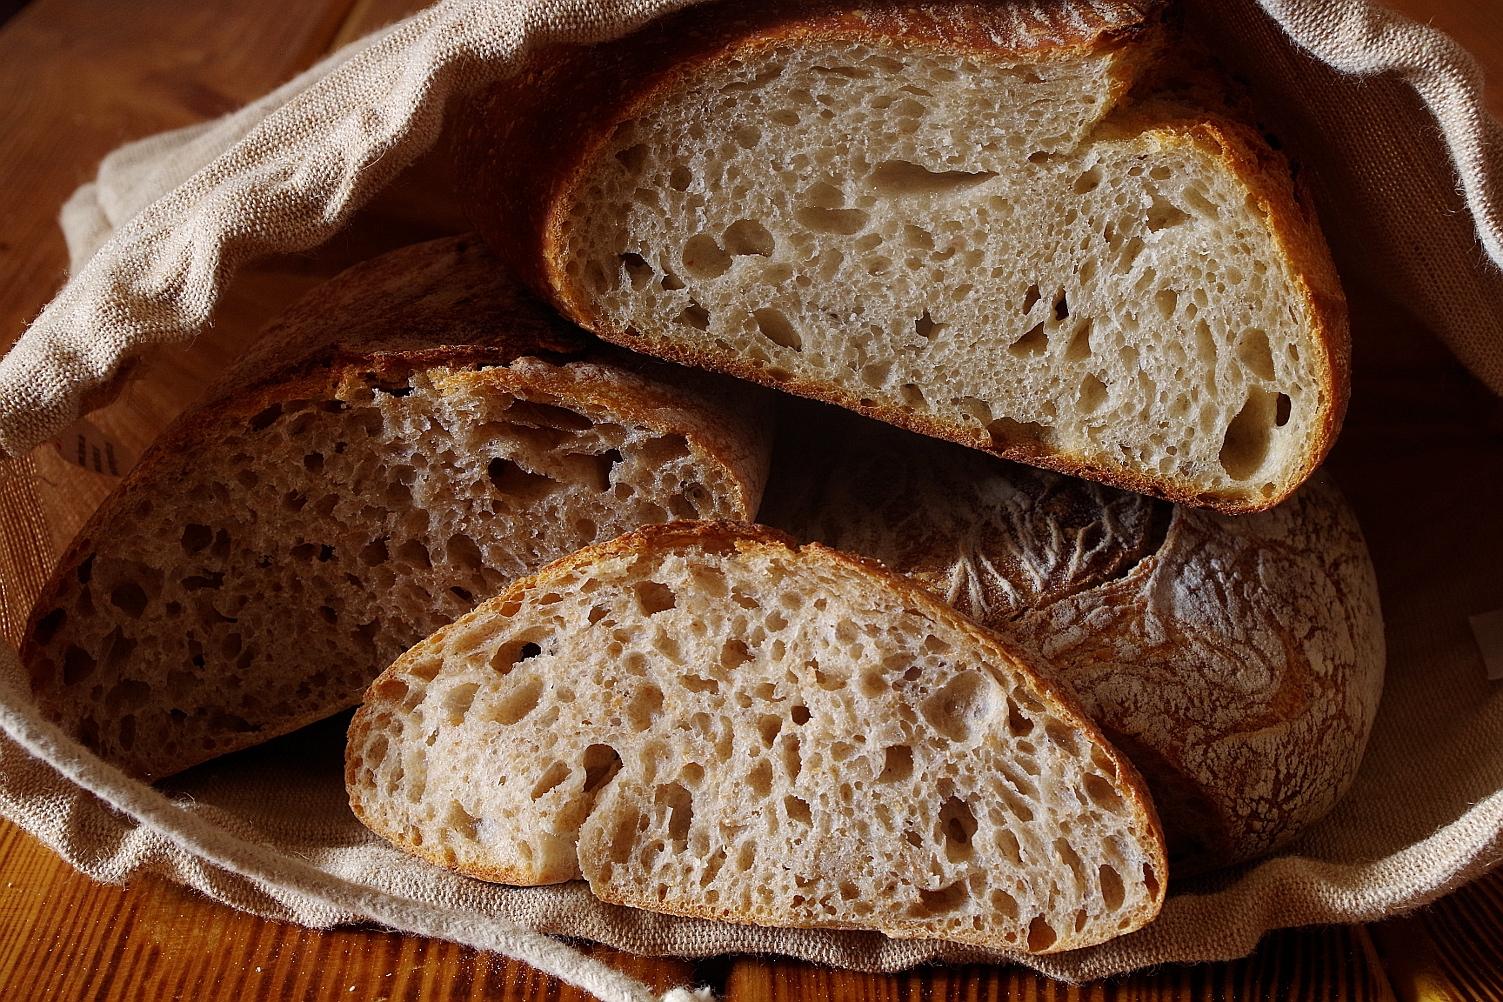 картинки жидкий хлеб это